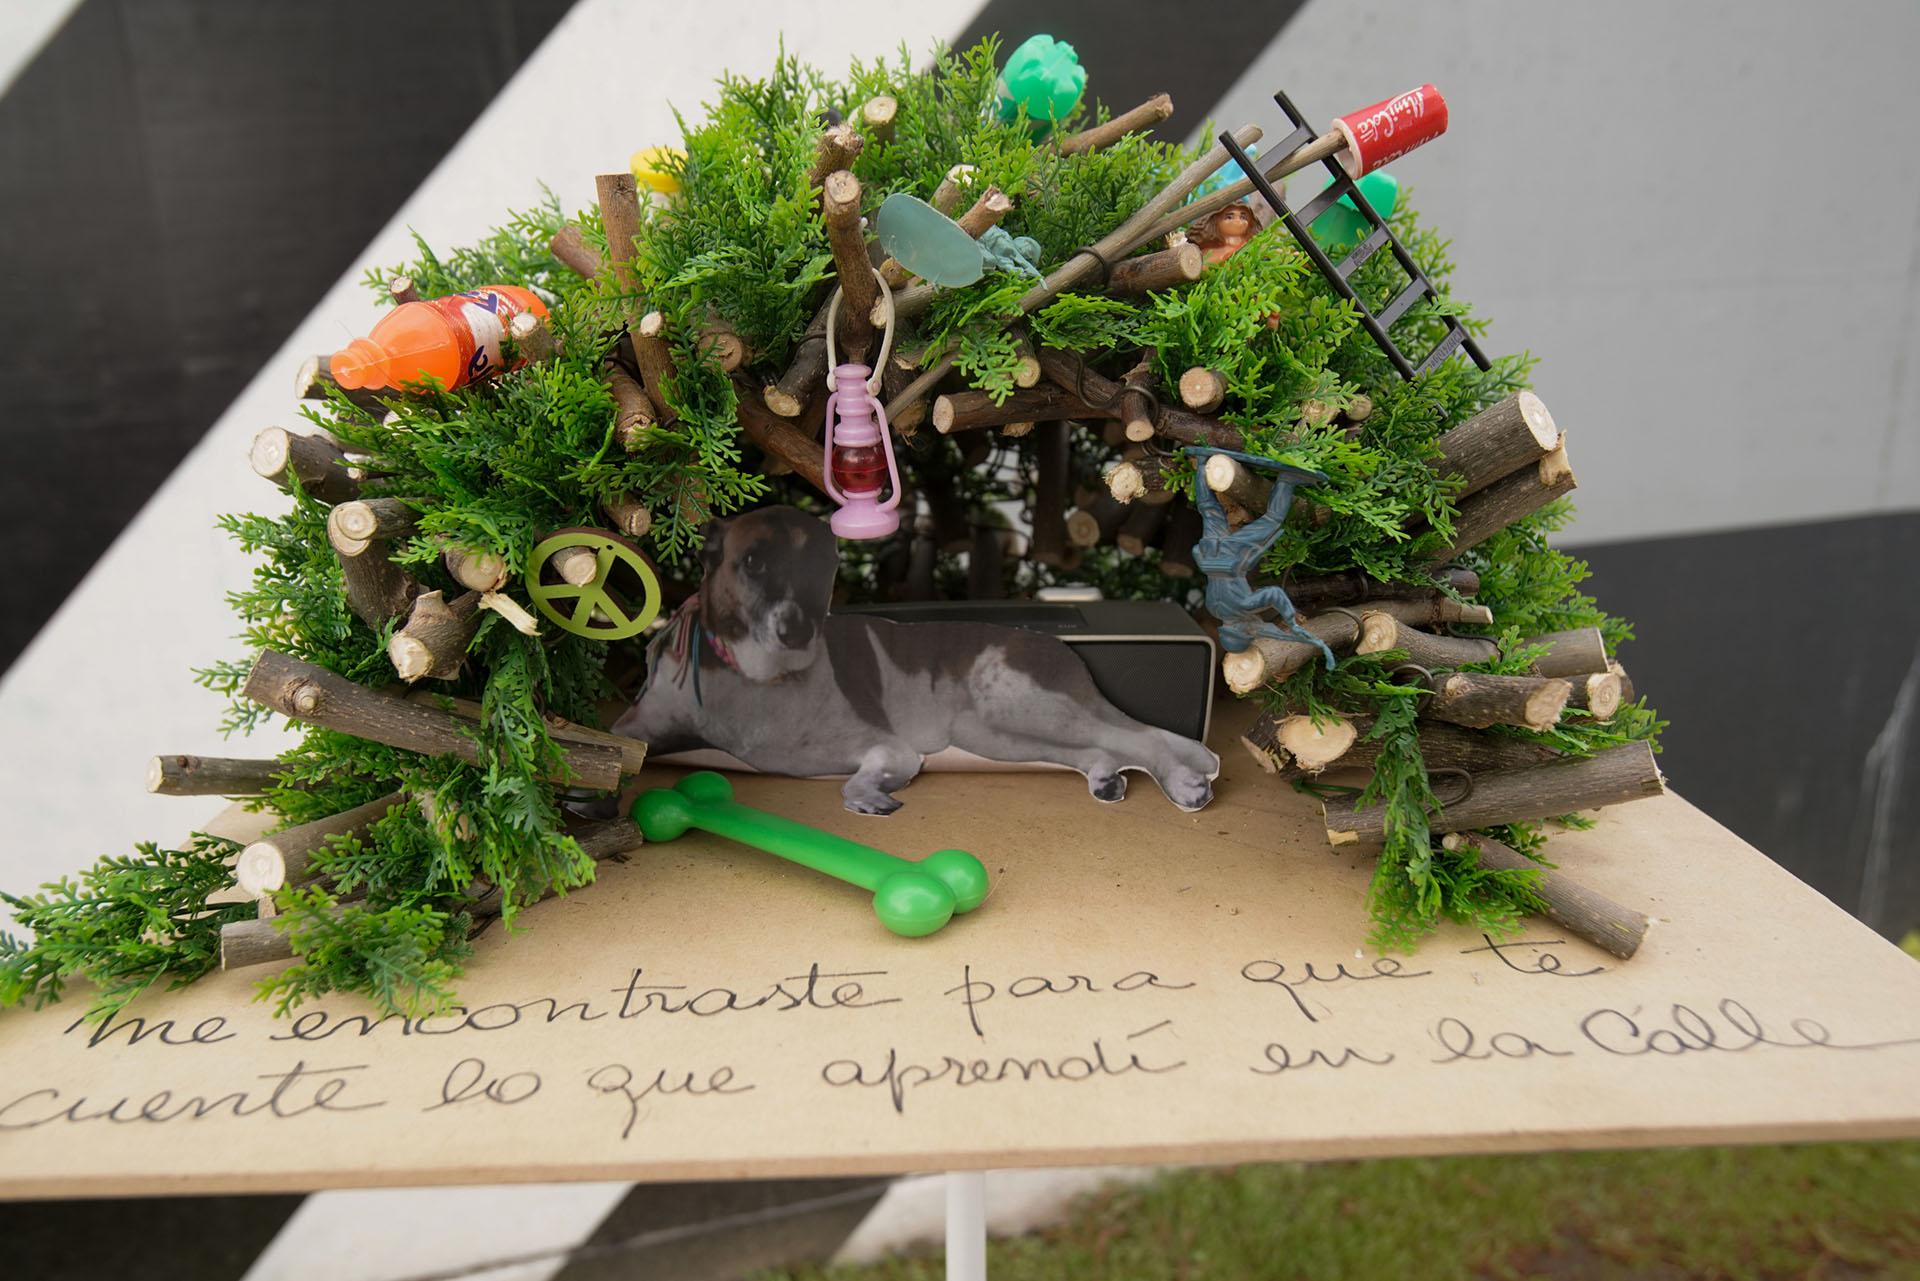 """""""Para perro con calle"""", por Cristina Le Mehaute. Realizado con tronquitos de madera, simula ser un nido con una estructura metálica fina y hojas de helechos de plástico, en forma de iglú con agregado de objetos de plástico. """"No estoy a favor de los perros de raza, es una dedicatoria especial para el perro que está vagabundeando"""", dijo a Infobae la paisajista"""